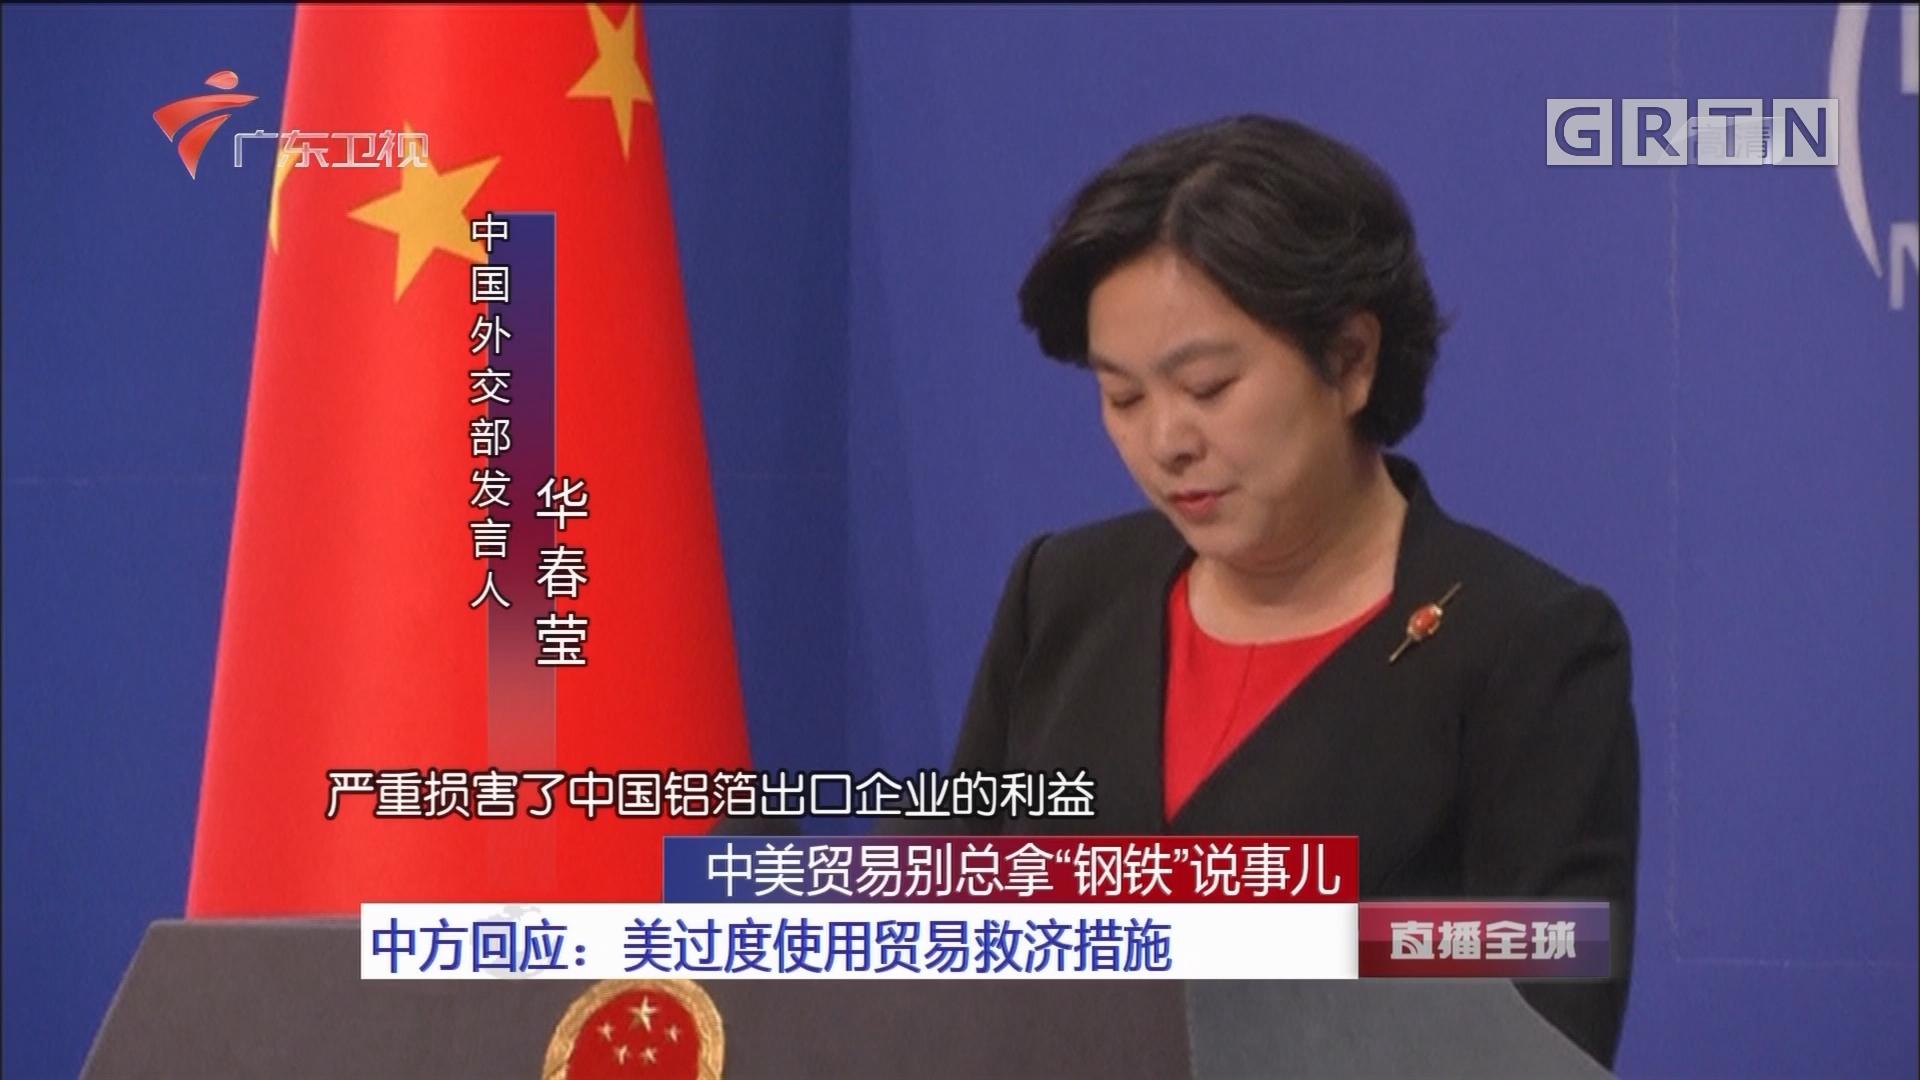 """中美贸易别总拿""""钢铁""""说事儿:中国频繁""""中枪"""" 钢铁产品沦为重灾区"""